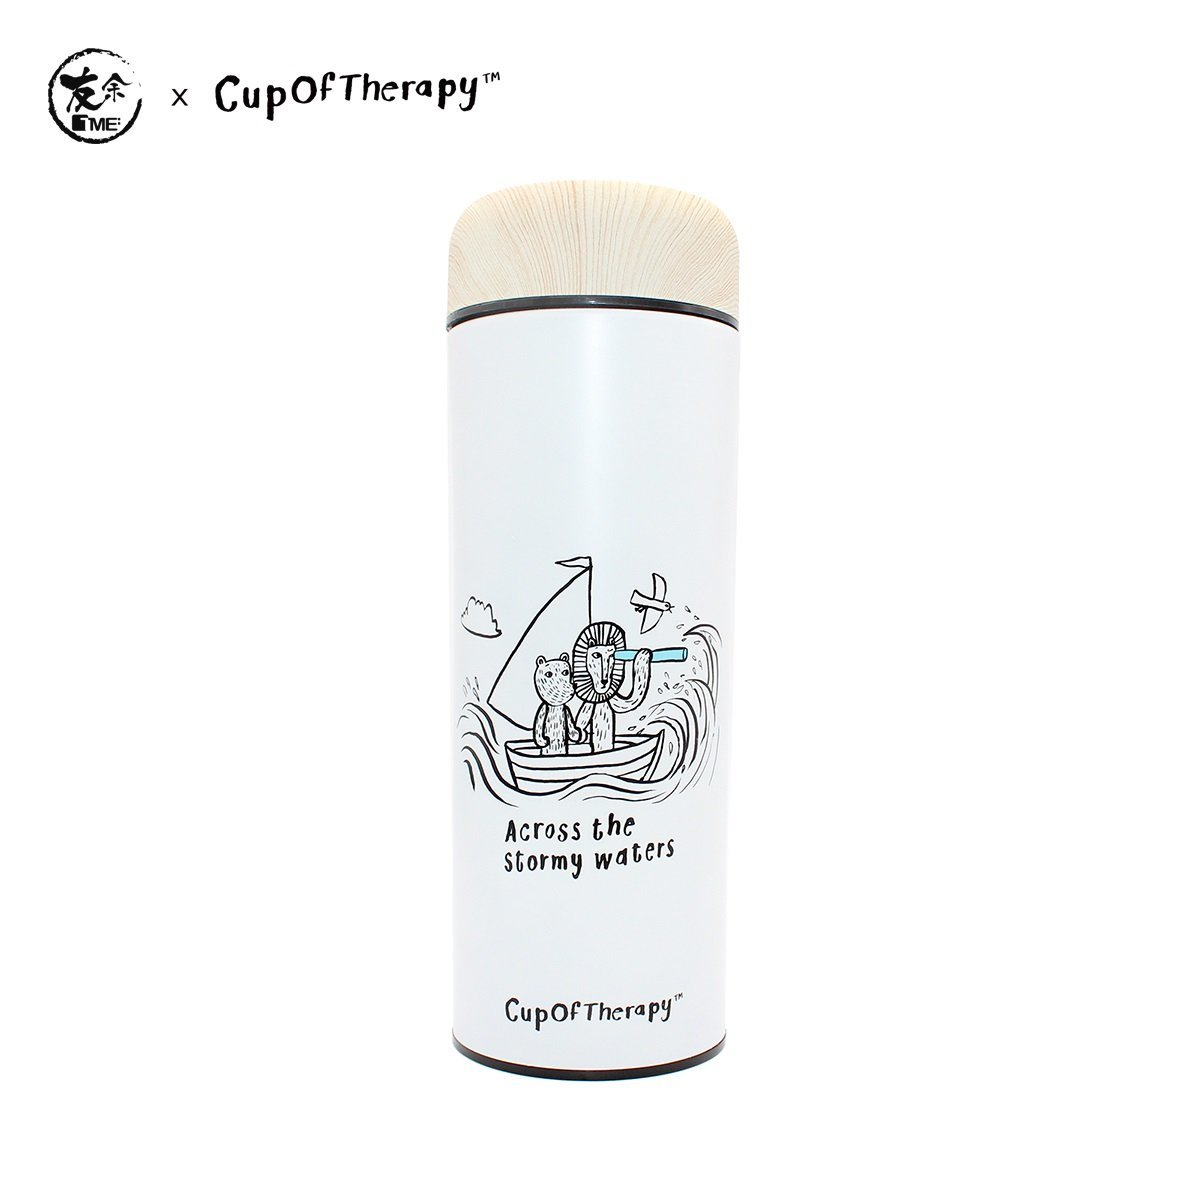 友余 x Cup Of Therapy 紫砂養生瓶300毫升- 越過